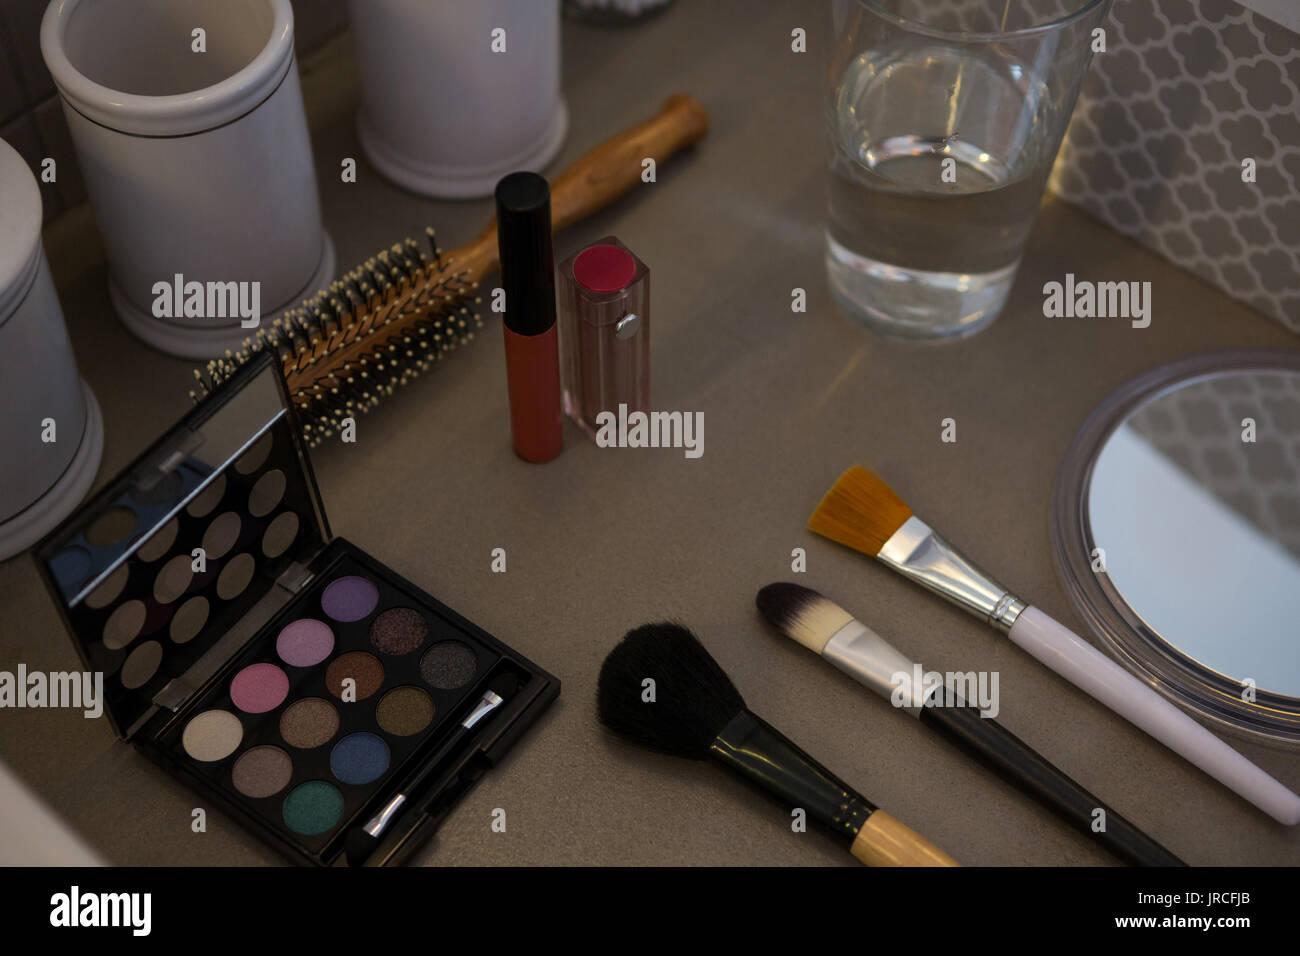 Un alto ángulo de visualización de productos de belleza con vaso para beber en la mesa Foto de stock